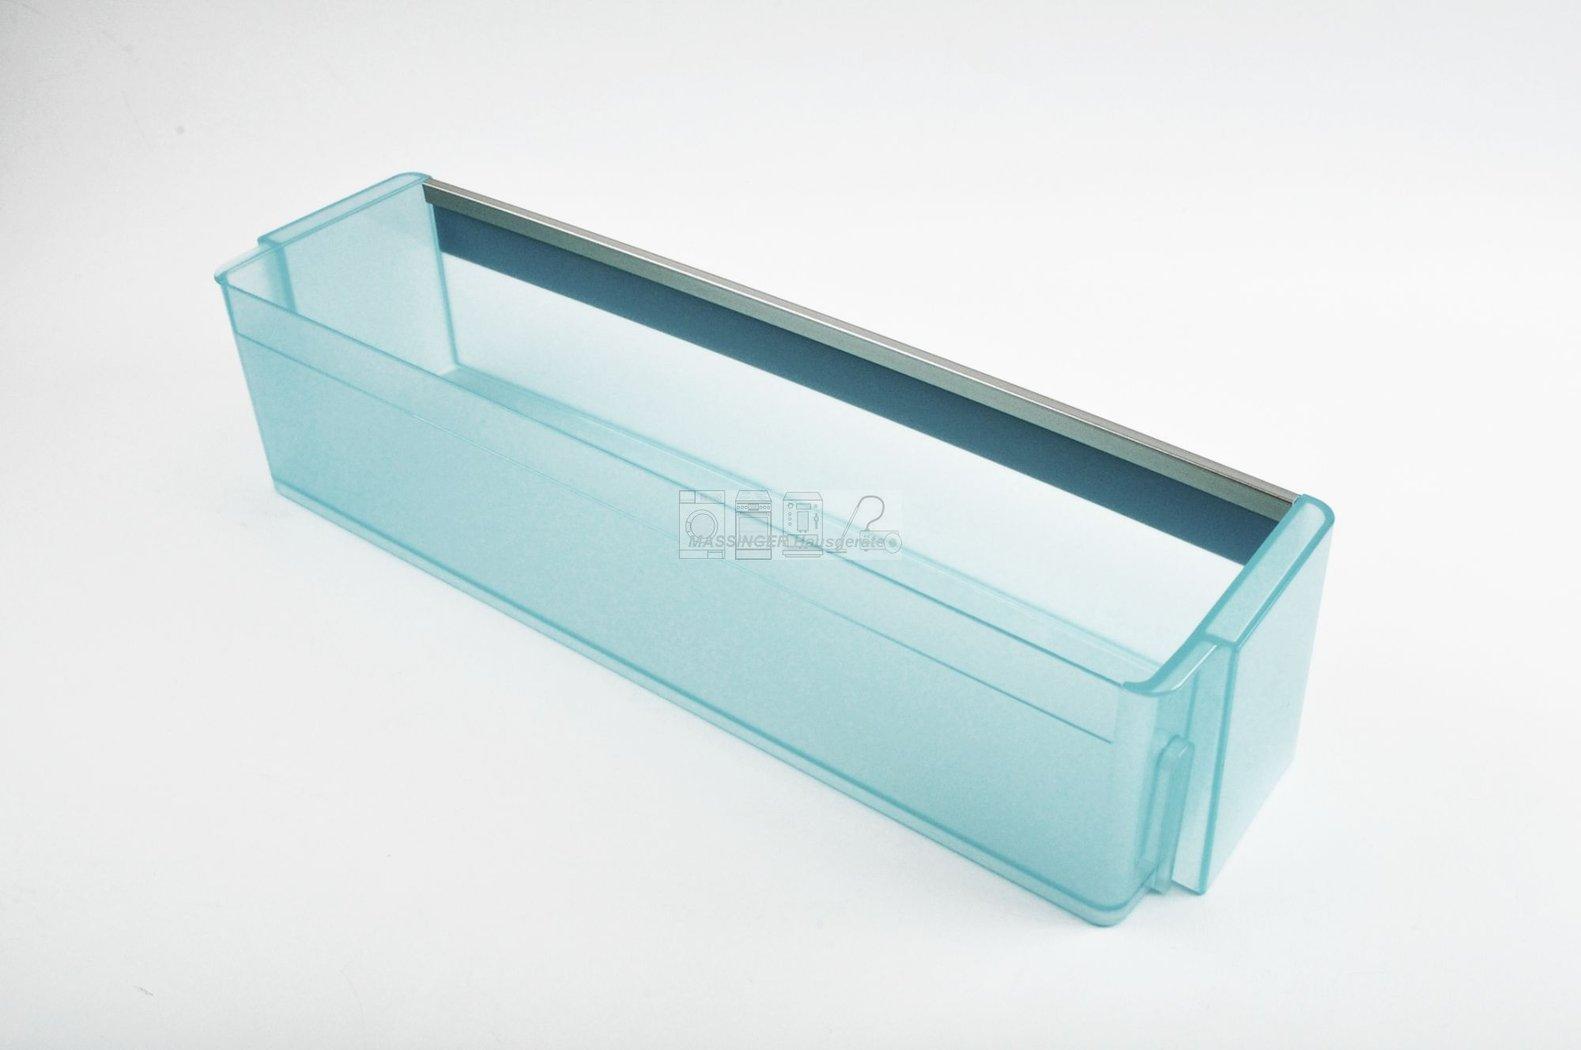 Siemens Kühlschrank Fach : Siemens flaschen getränke tür fach kühlschrank grün 433882 b ware